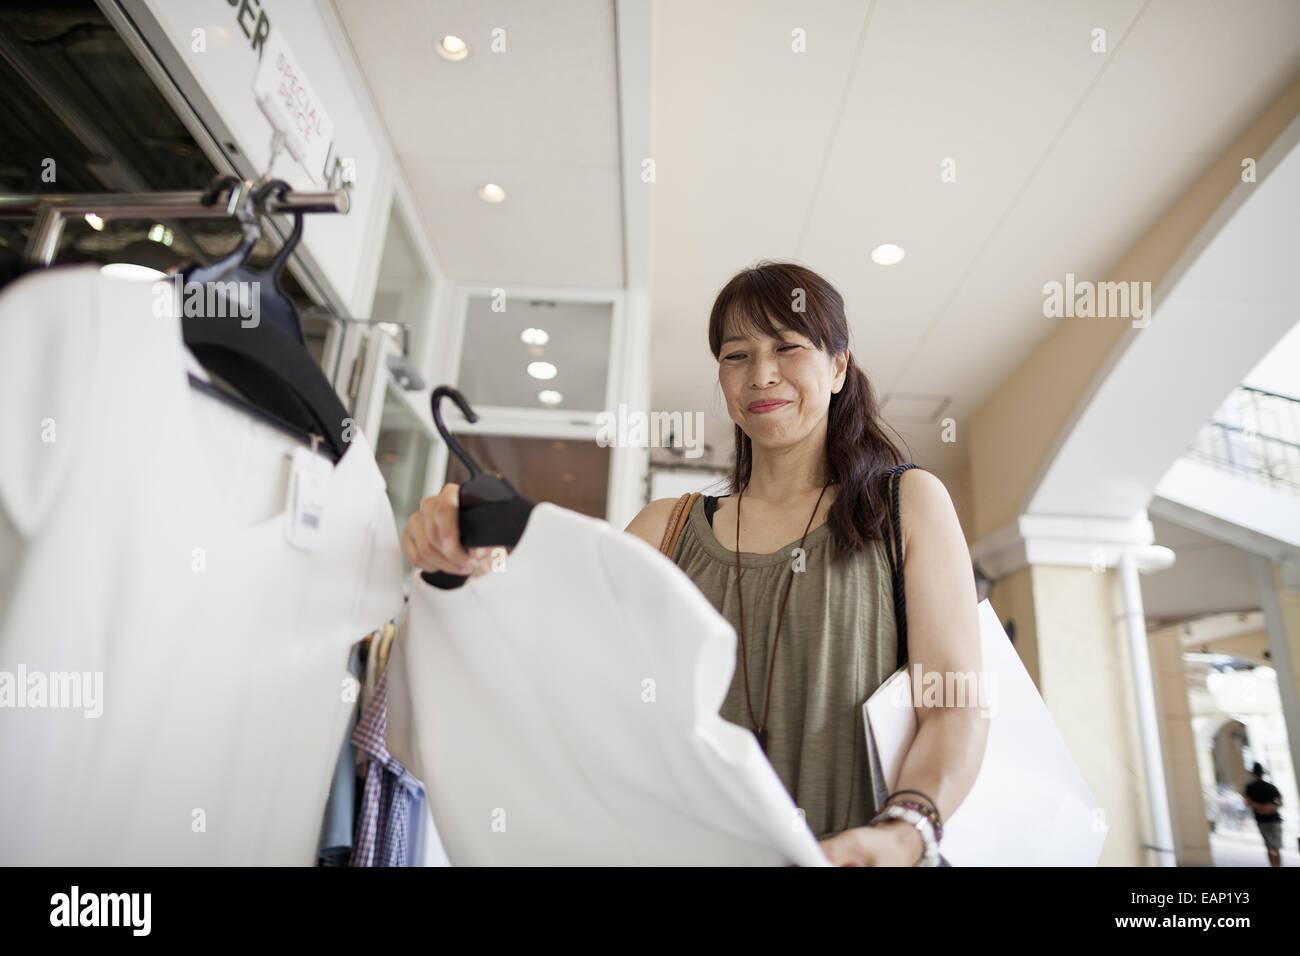 Frau Kleidung in einem Einkaufszentrum betrachten. Stockbild